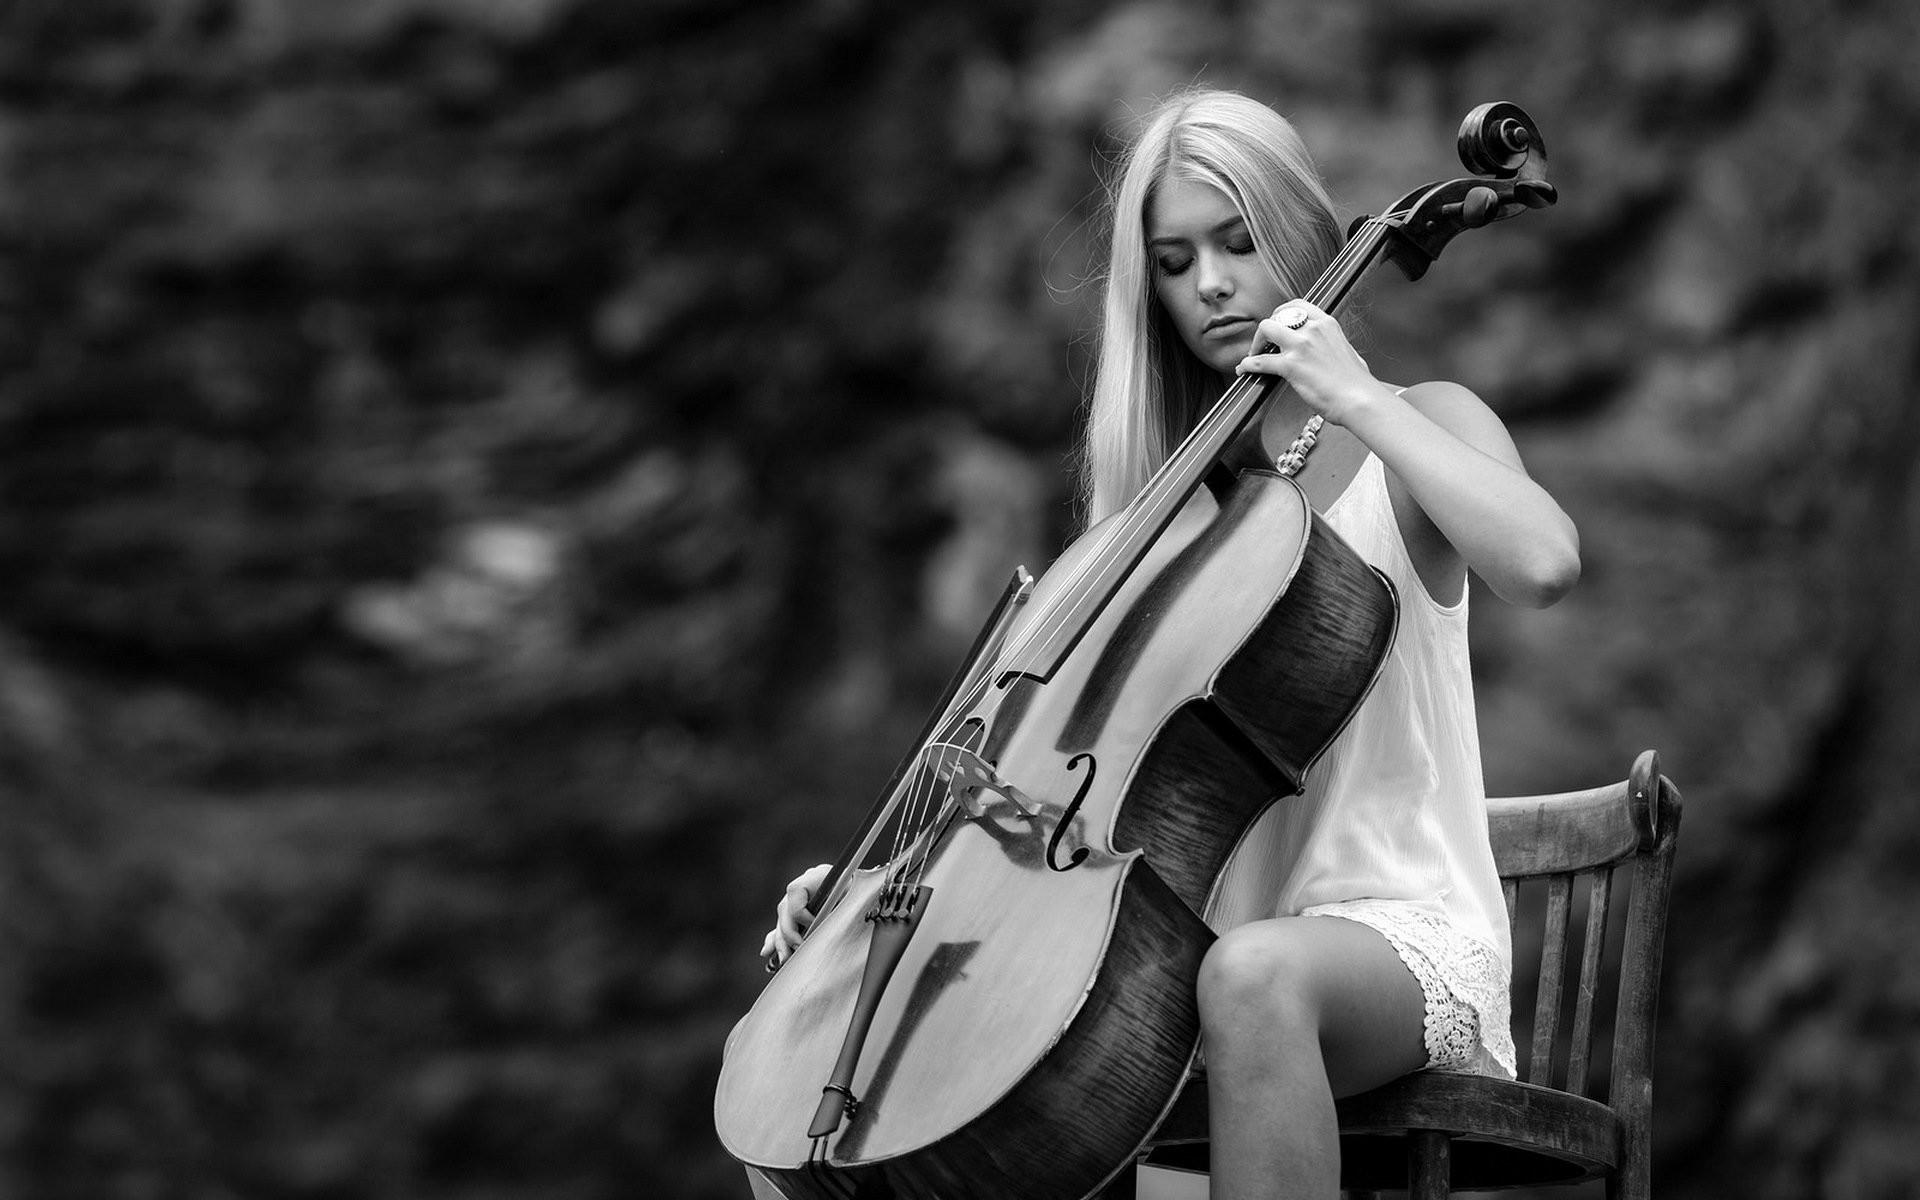 Res: 1920x1200, Cello Background Widescreen.